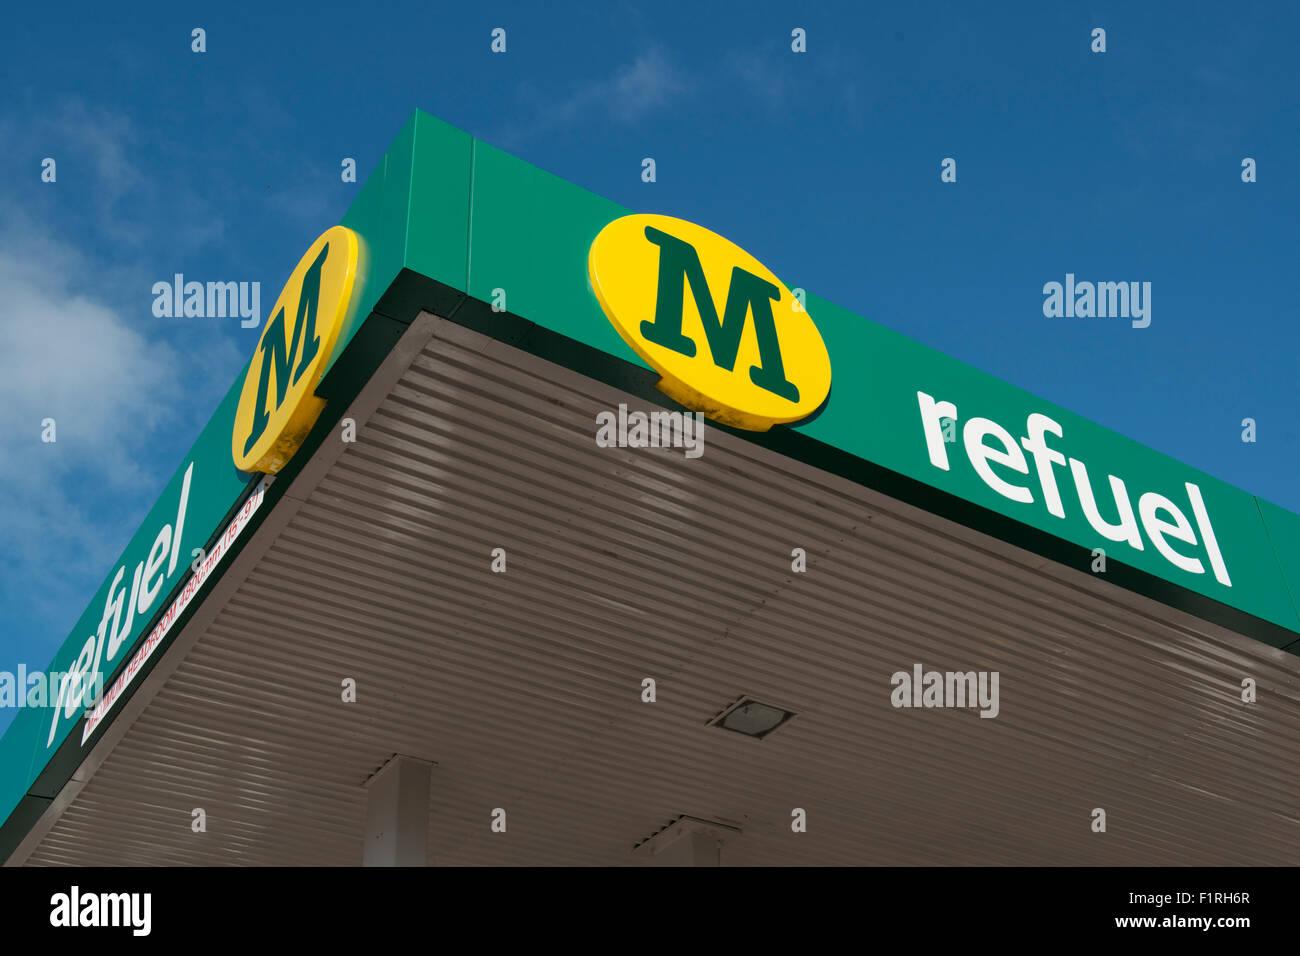 Das Logo von Morrisons tanken auf eine Tankstelle vor blauem Himmel (nur zur redaktionellen Verwendung). Stockbild